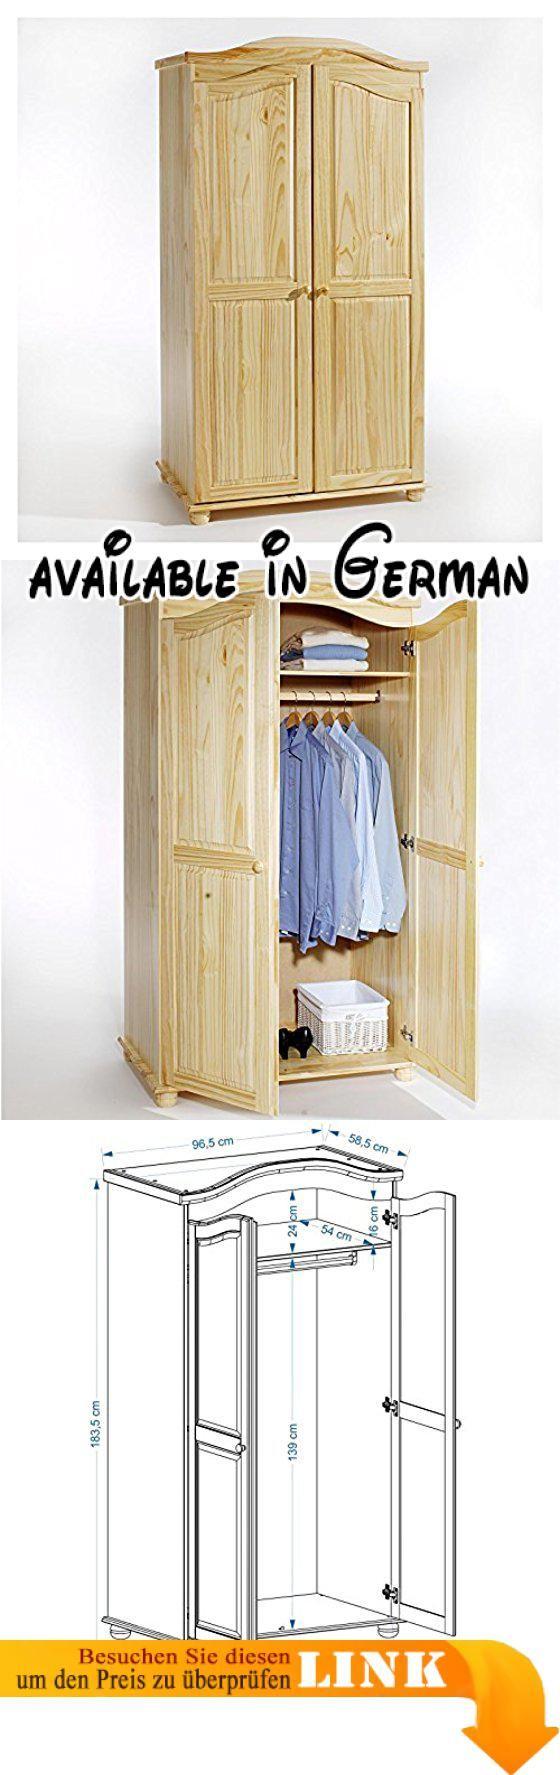 B00H8C445A : Garderobenschrank Dielenschrank Kleiderschrank DAVOS Kiefer 2-türig 2 Türen natur. Aufbaumaß Kleiderschrank: 97 x 184 x 59 cm (B x H x T). gefertigt aus massivem Kiefernholz. in natur honigfarben oder weiß lackiert. ideal auch als Garderobenschrank. inklusive Hutablage und Kleiderstange